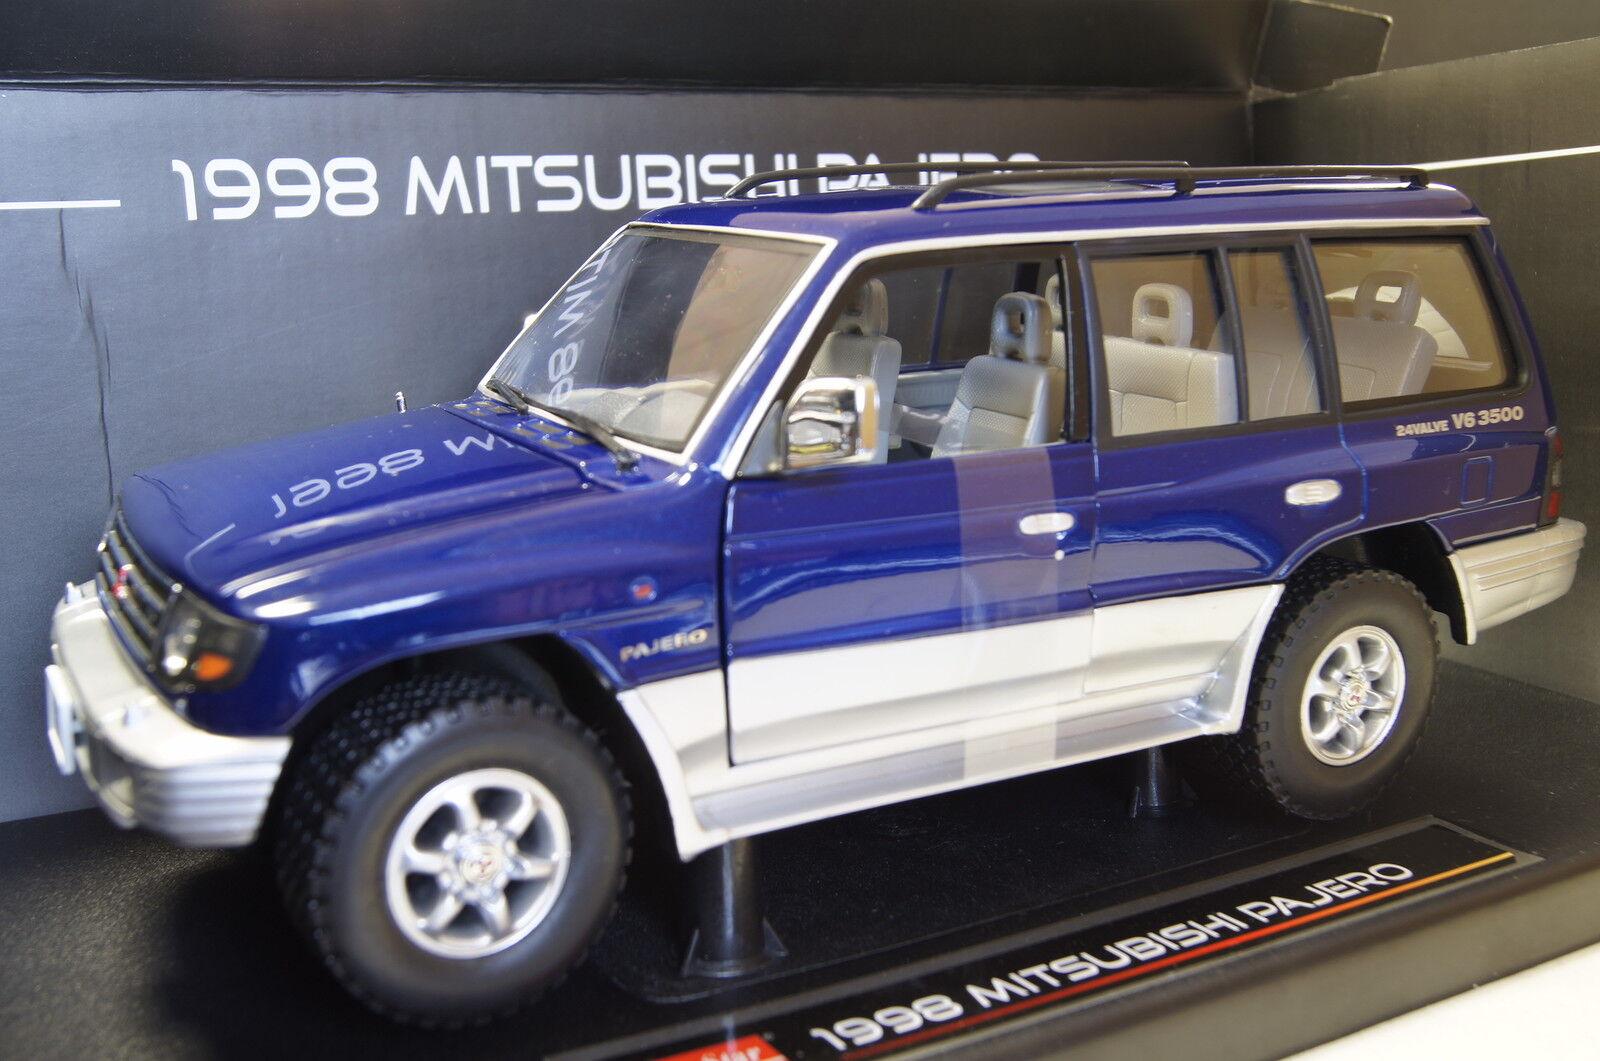 MITSUBISHI PAJERO LUNGO 3,5 v6 1998 BLU 1 18 SUN STAR NUOVO & OVP